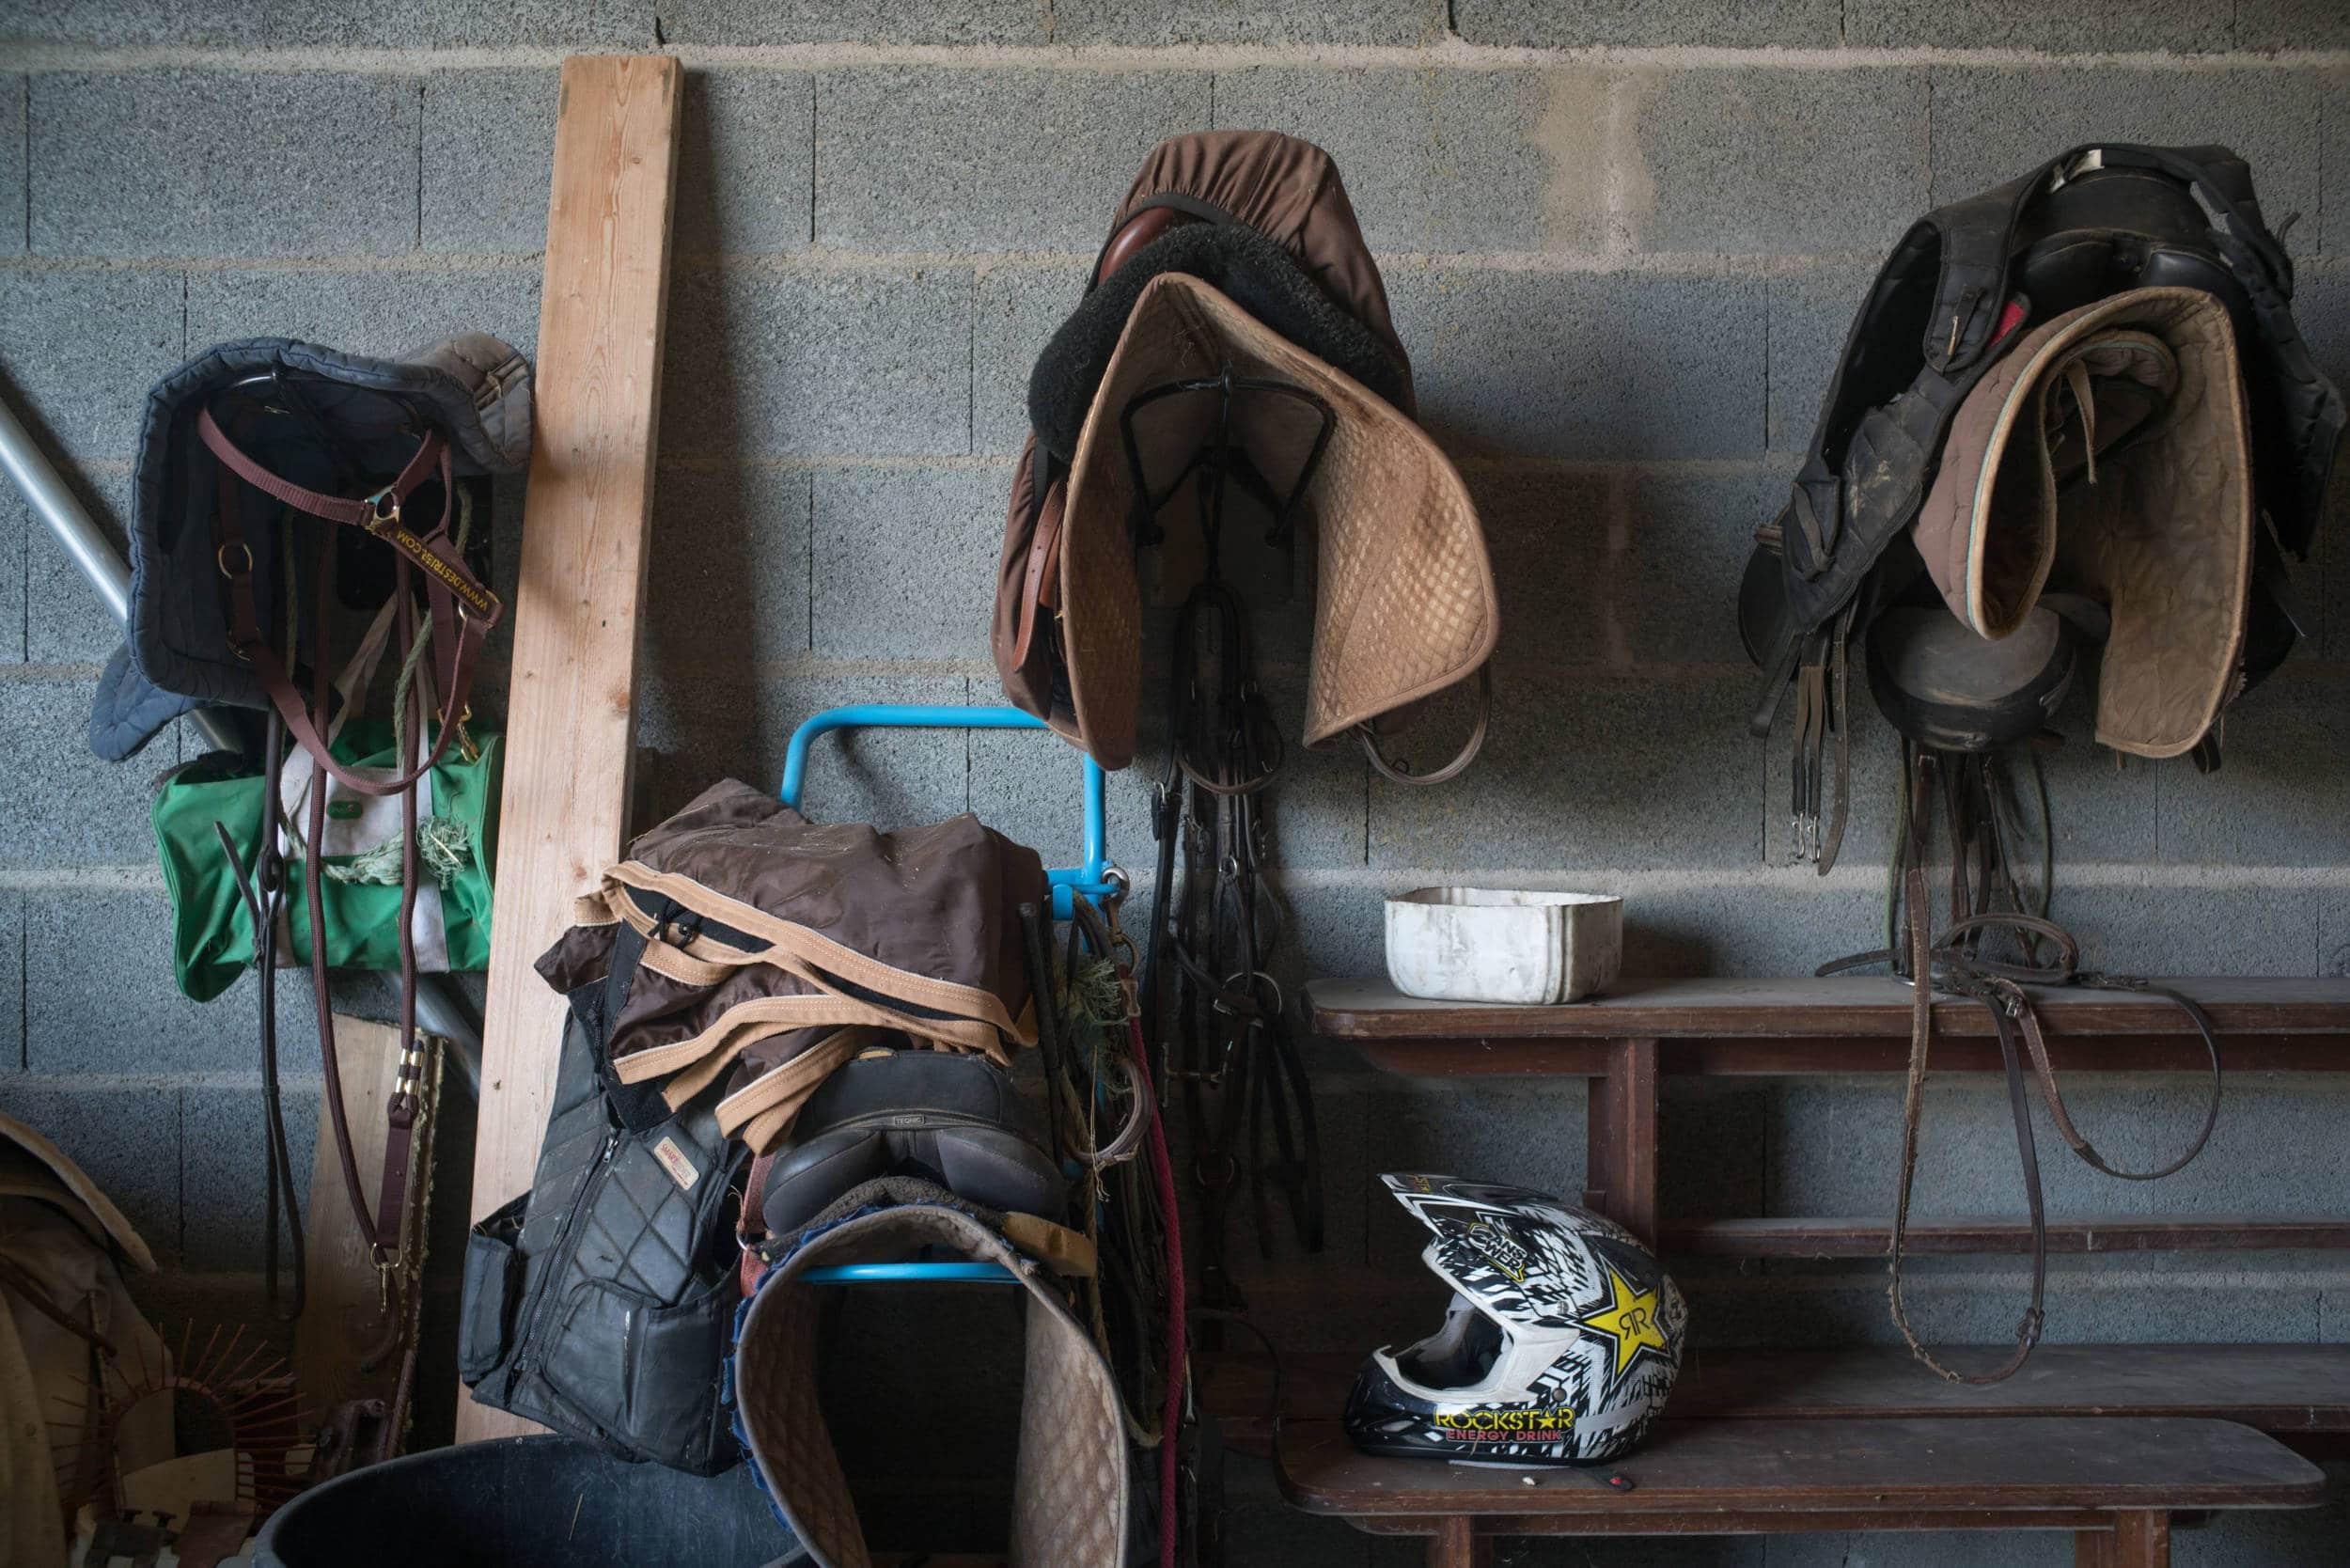 Des selles et divers accessoires sont suspendus au mur et répartis sur le sol. Un casque de moto-cross est également posé sur un banc.